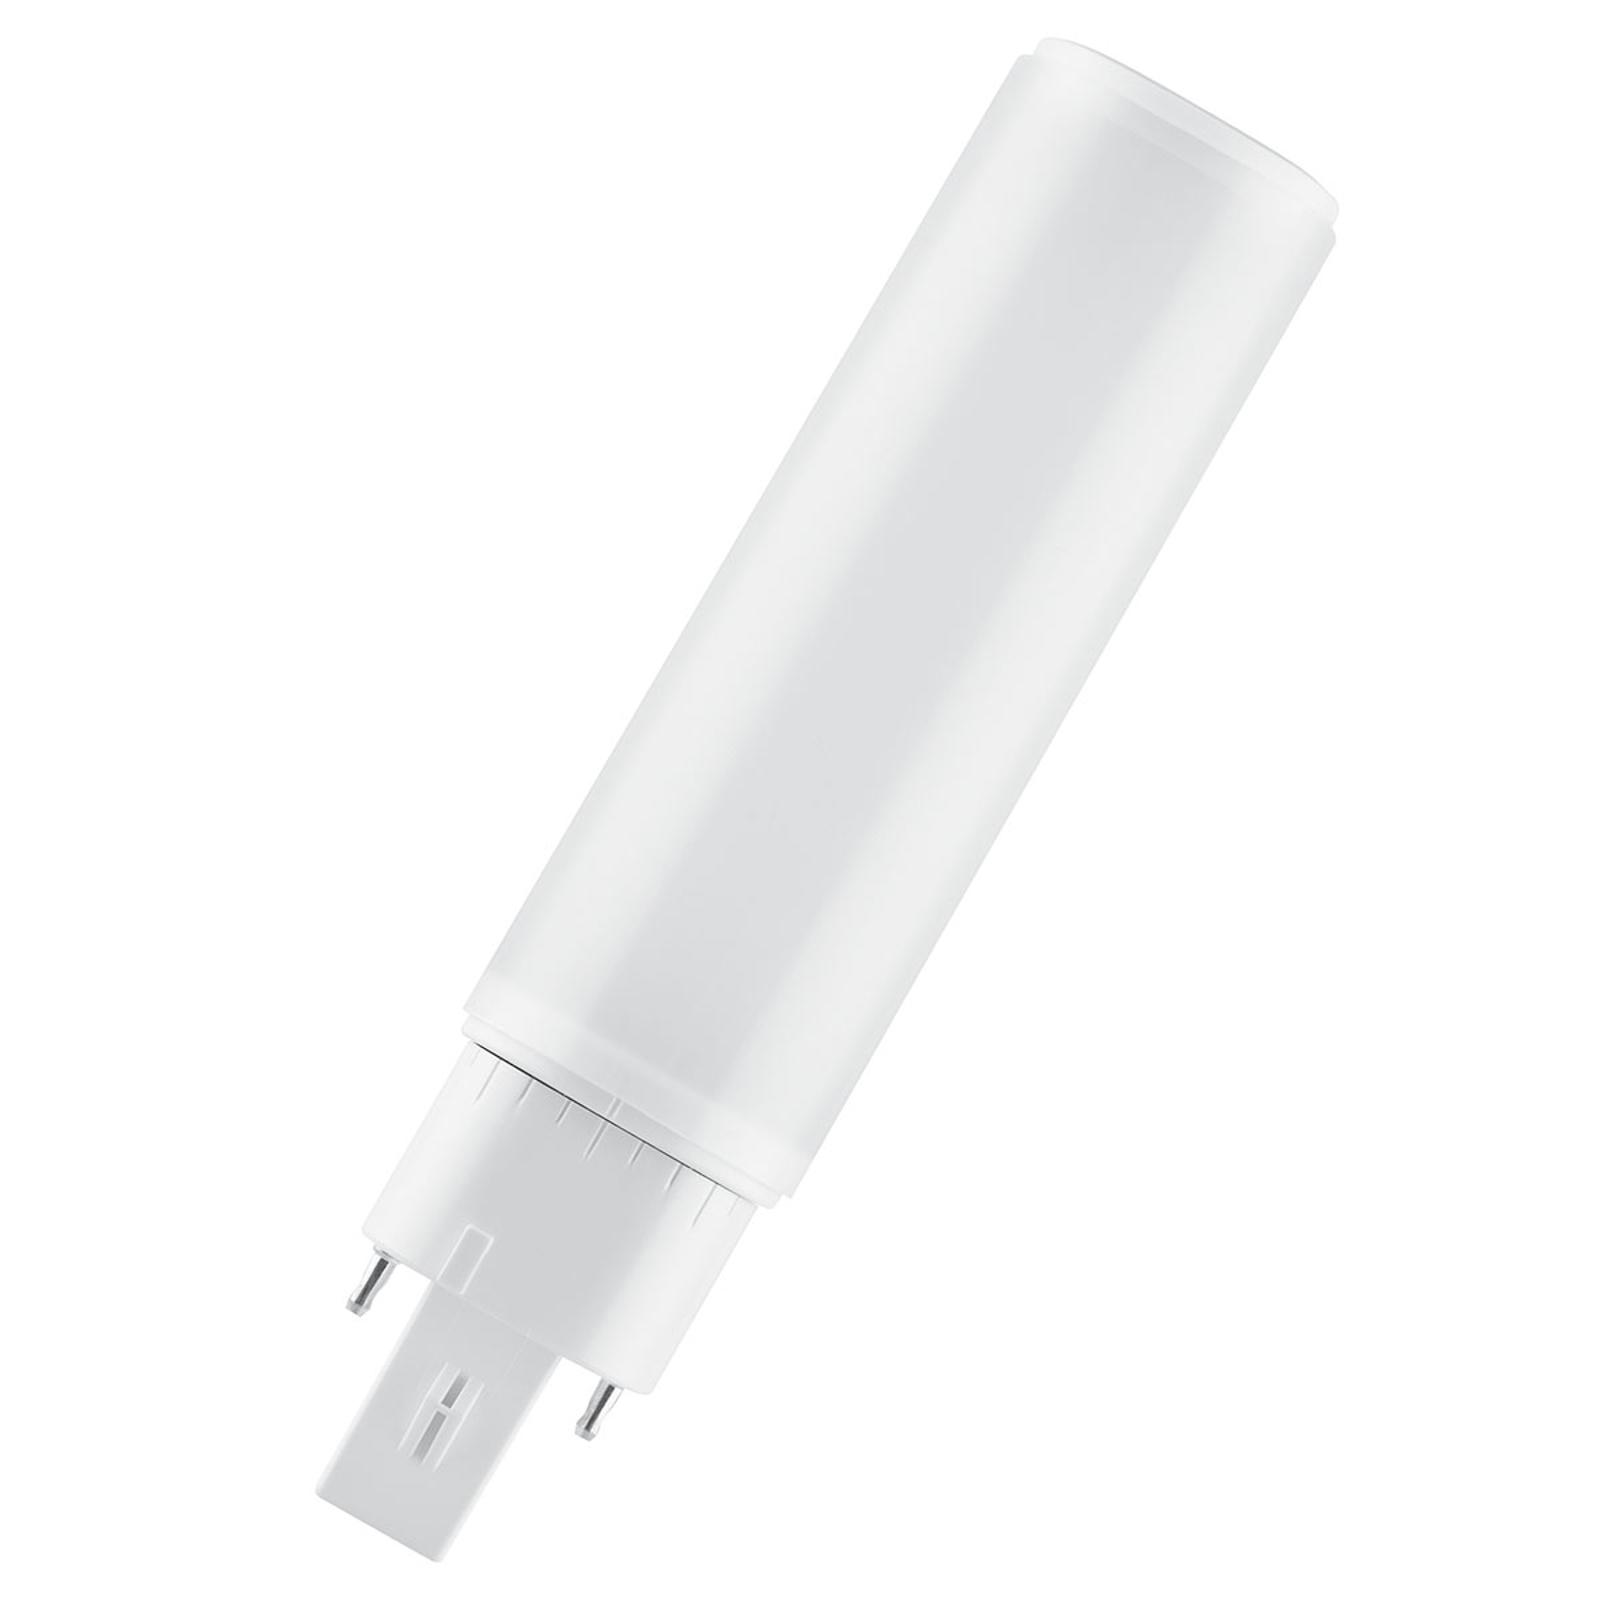 OSRAM żarówka LED G24q-2 7W 4000K